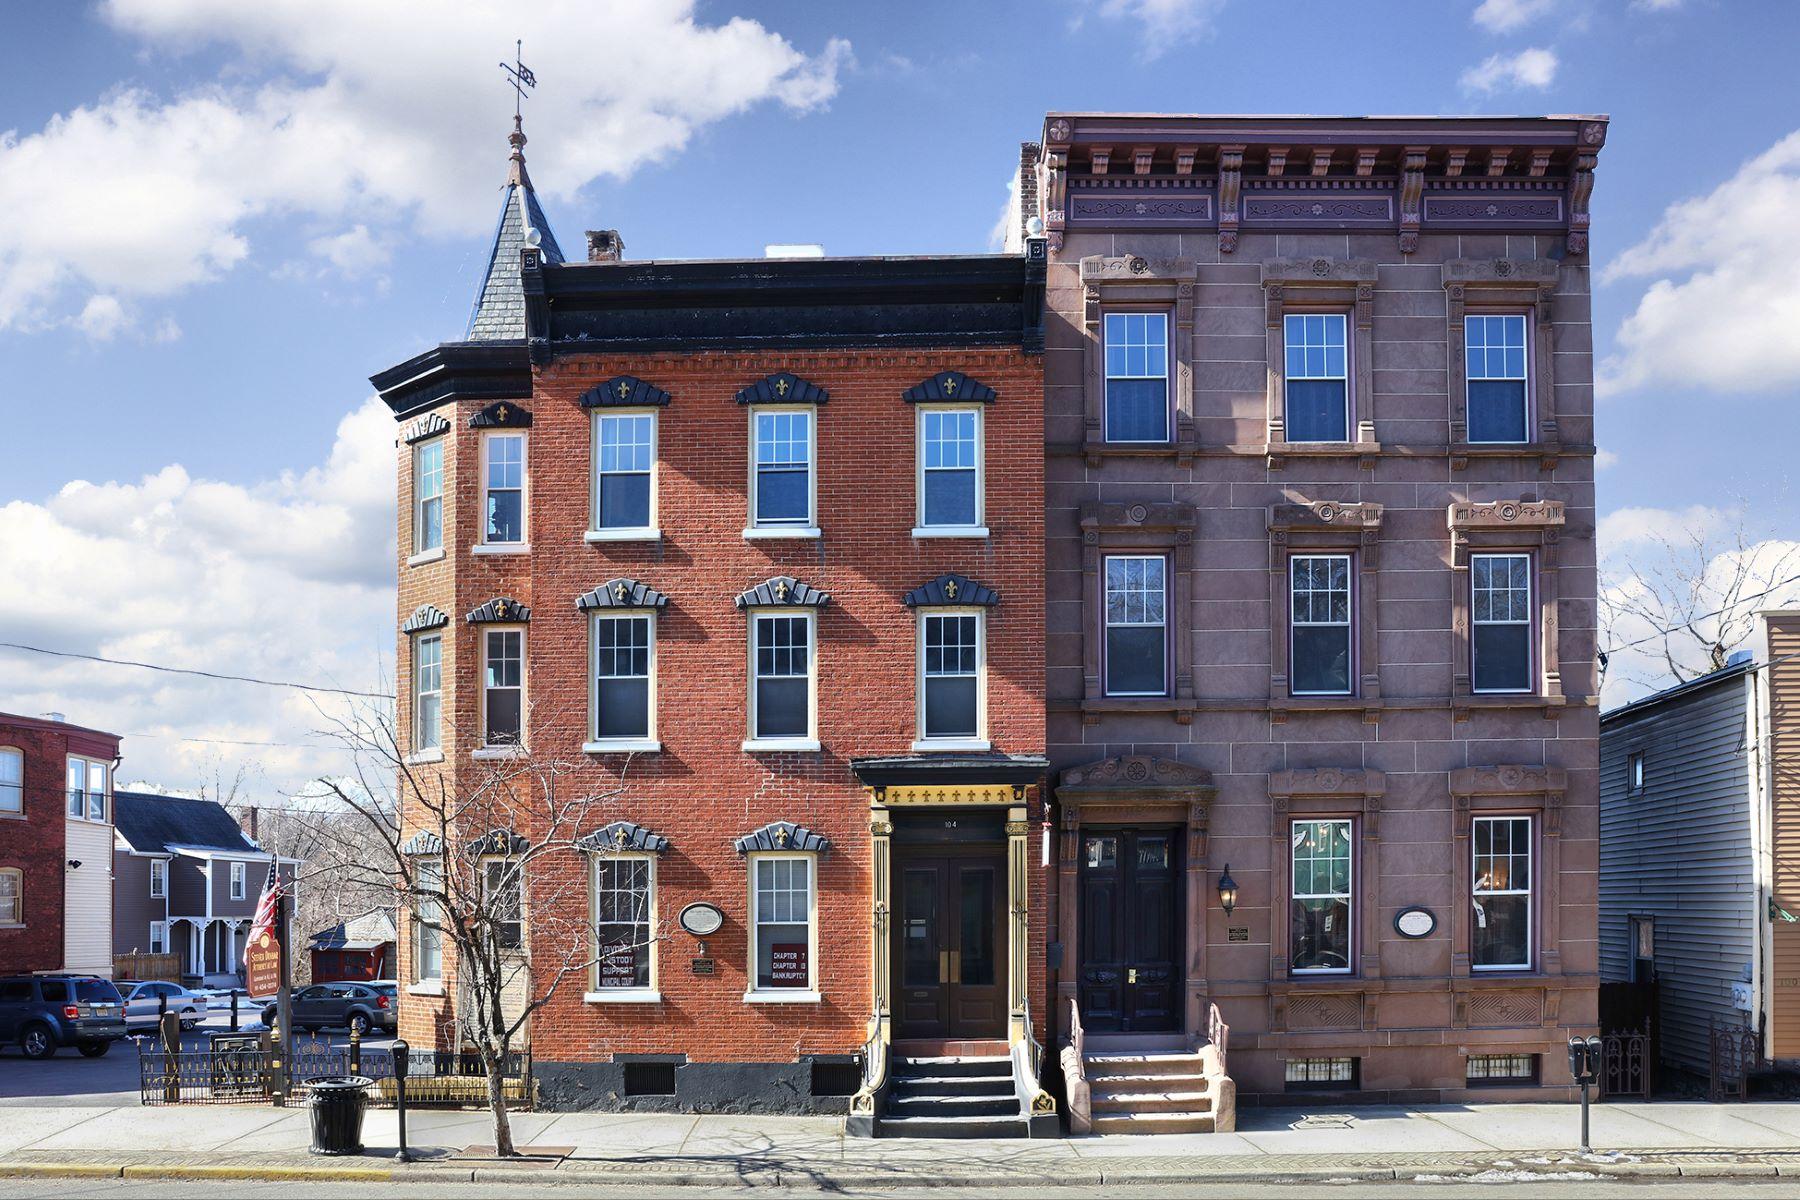 Casa Unifamiliar por un Venta en The Stewart Mansion 102-104 South Main Street, Phillipsburg, Nueva Jersey 08865 Estados UnidosEn/Alrededor: Phillipsburg